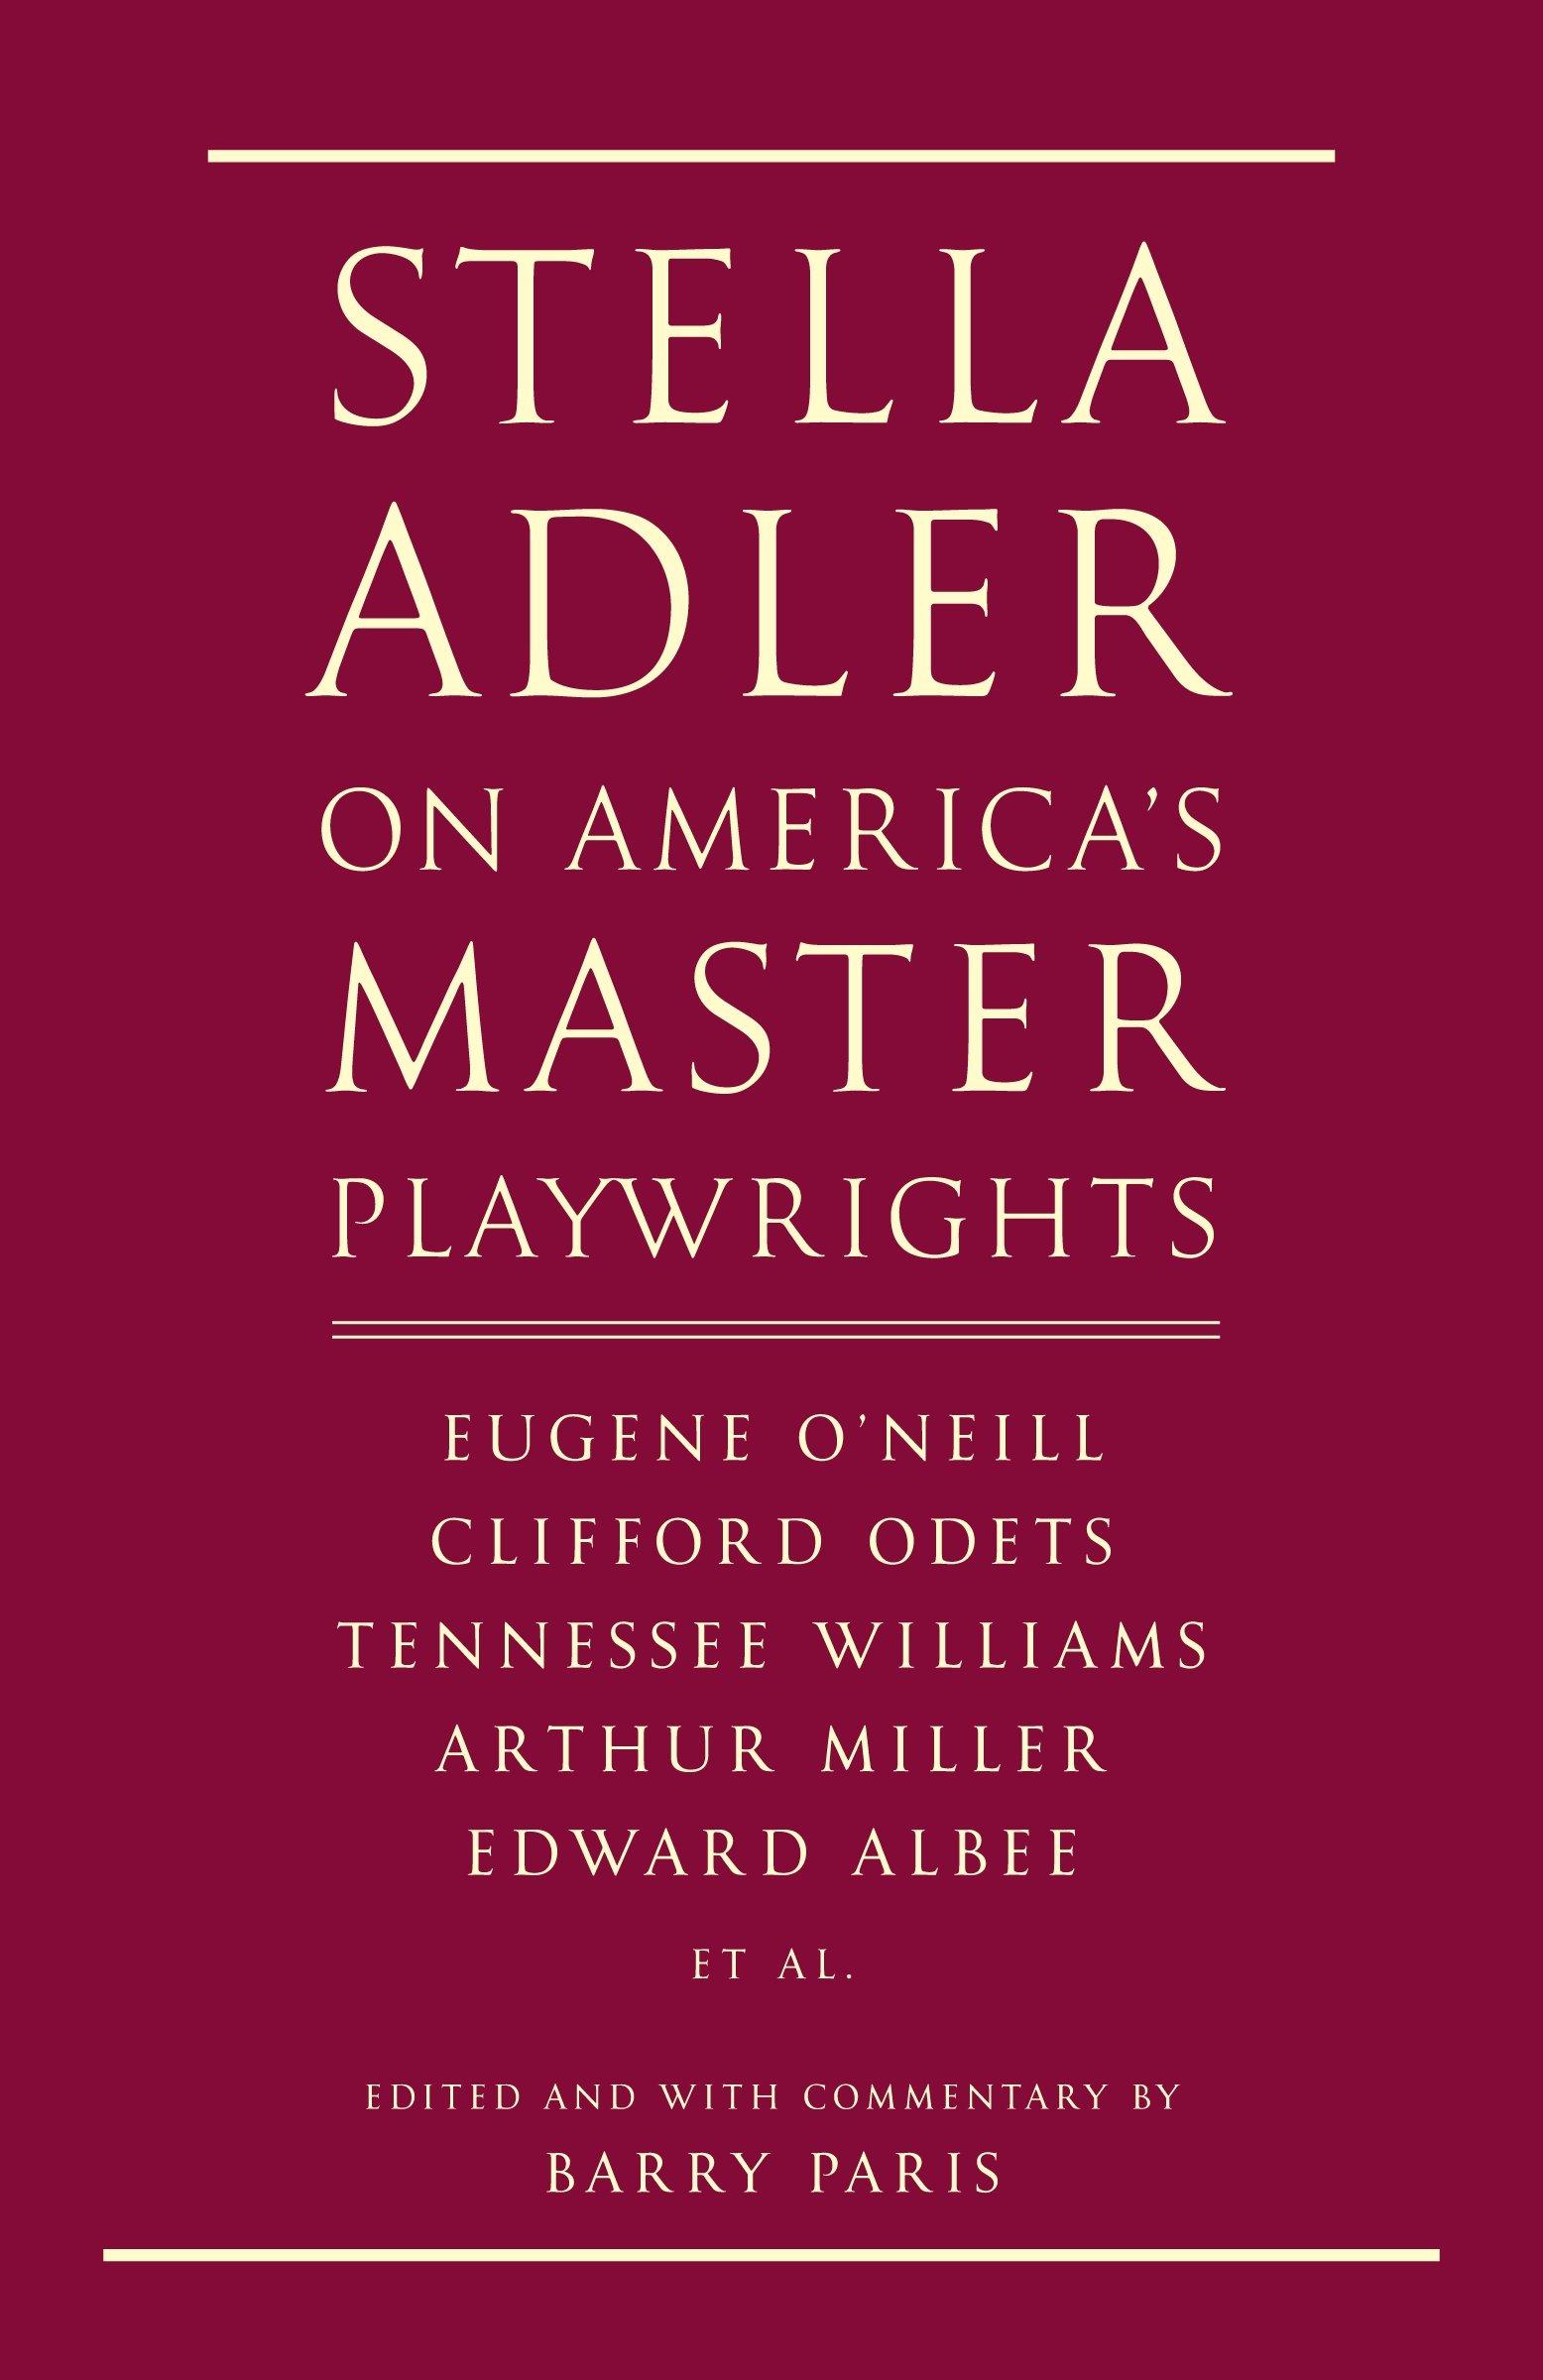 stella adler on america s master playwrights eugene o neill